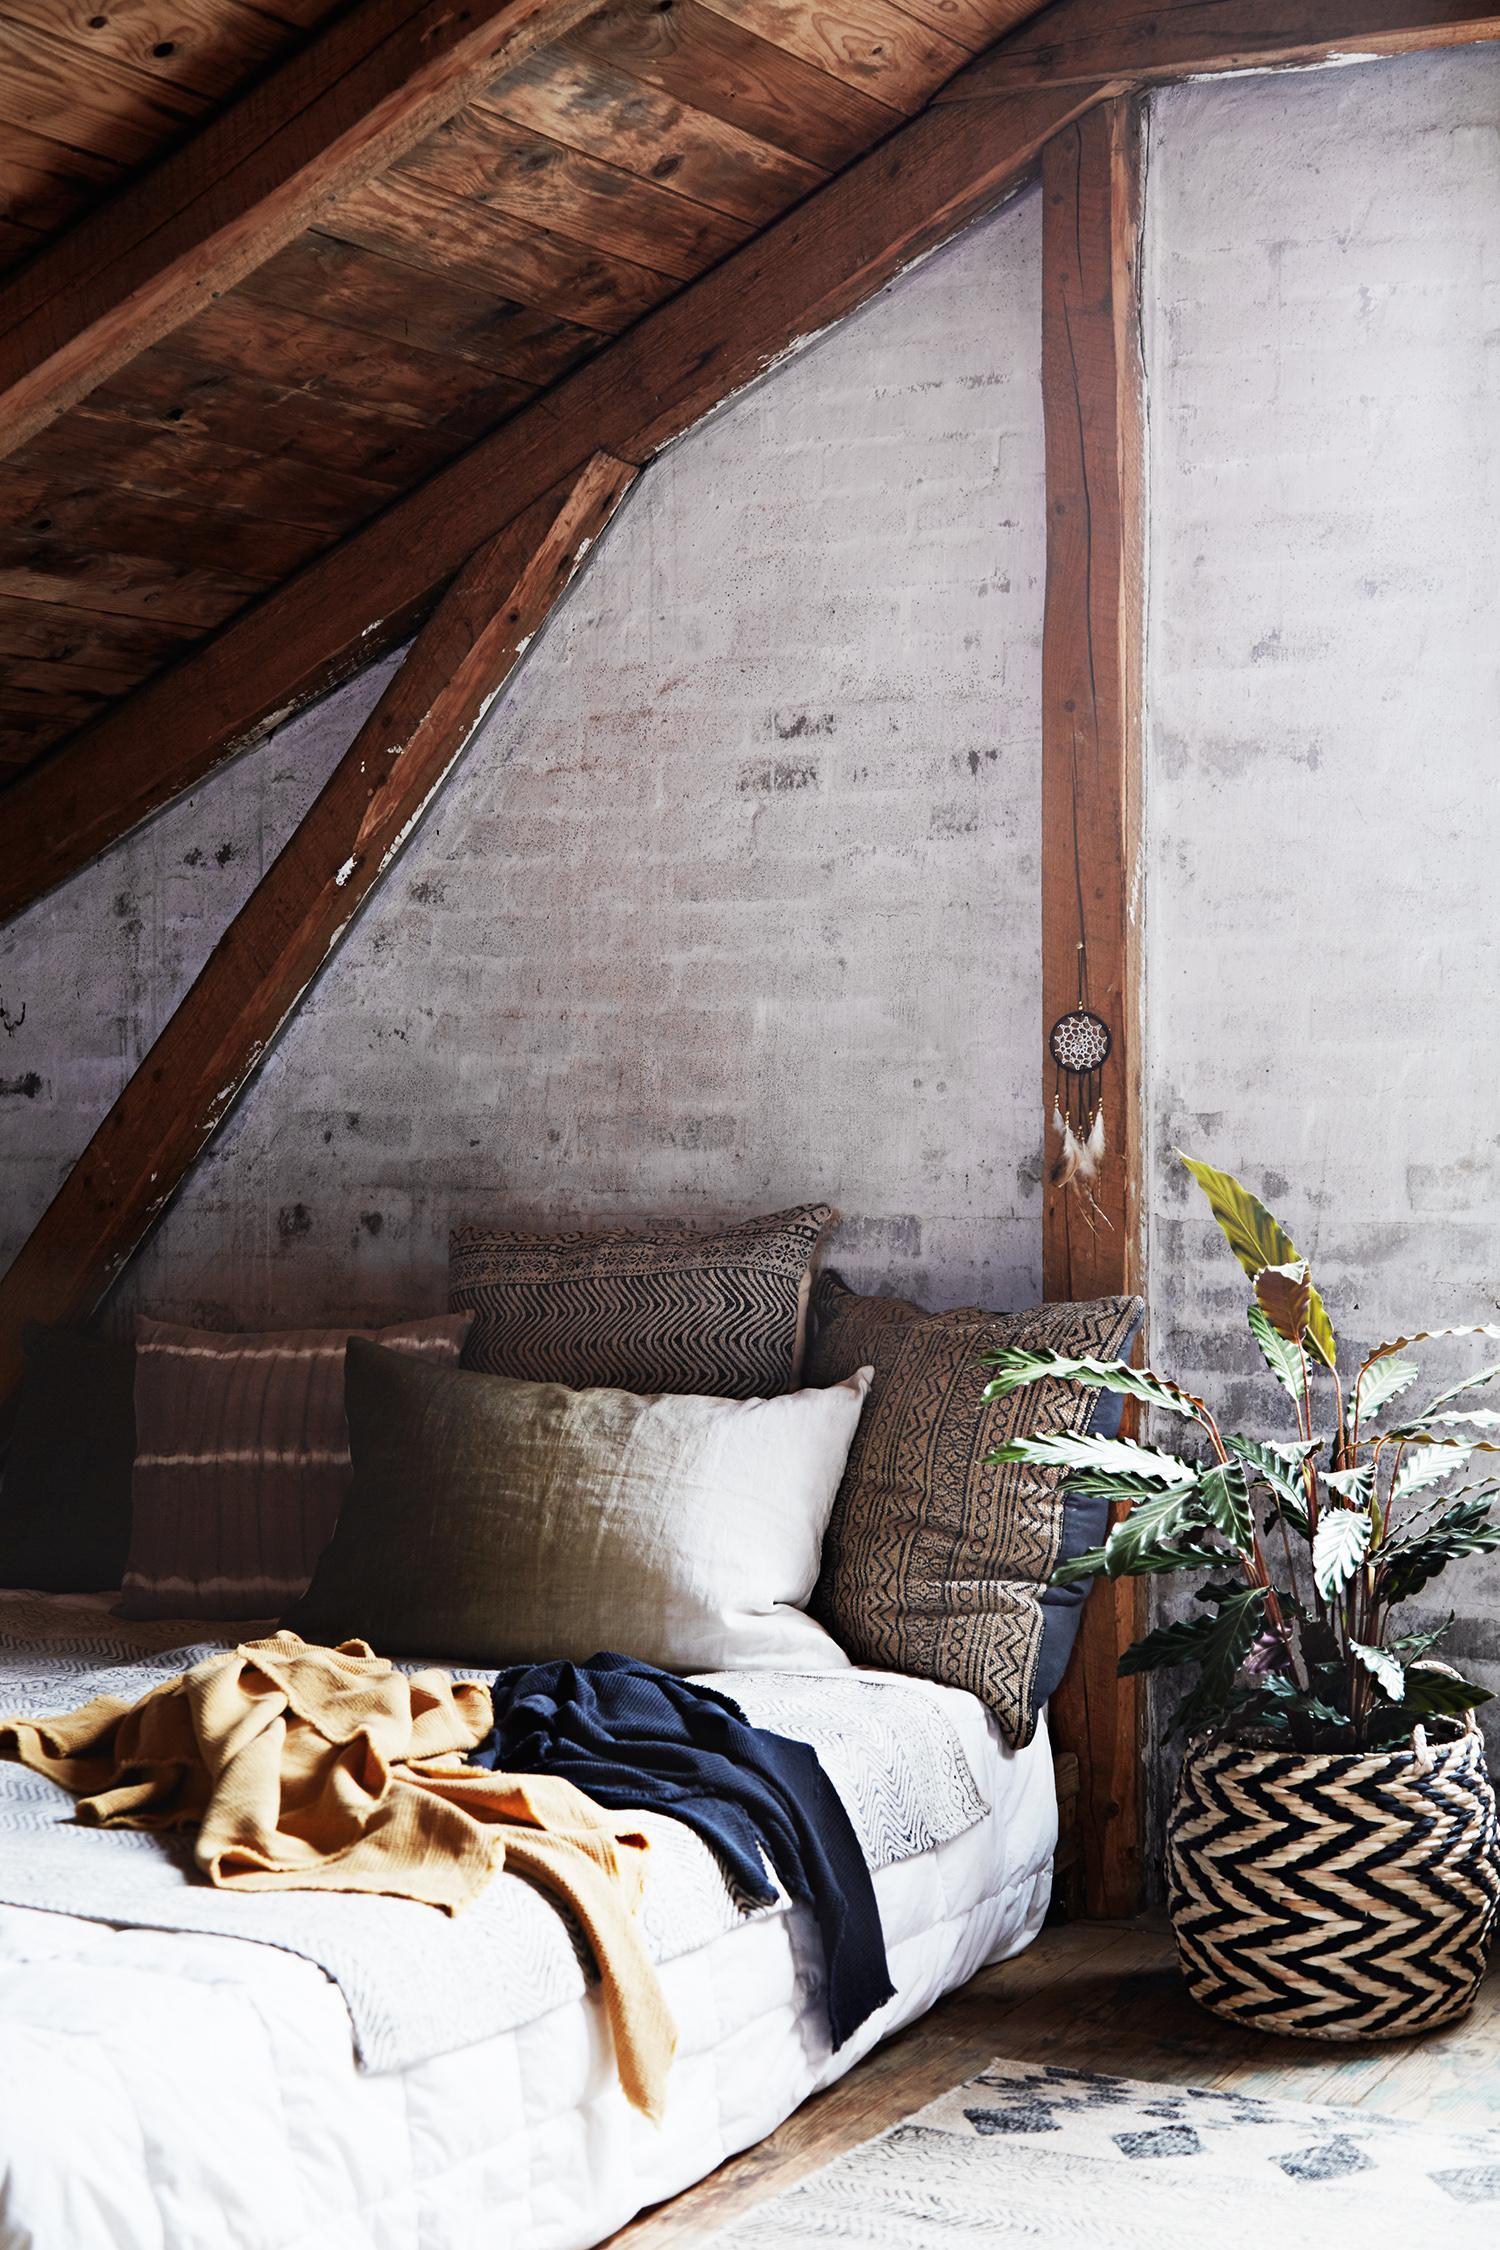 Gemütliches Bett Unter Der Dachschräge #bett #tagesdecke #kissen  #dachbalken #liegewiese #